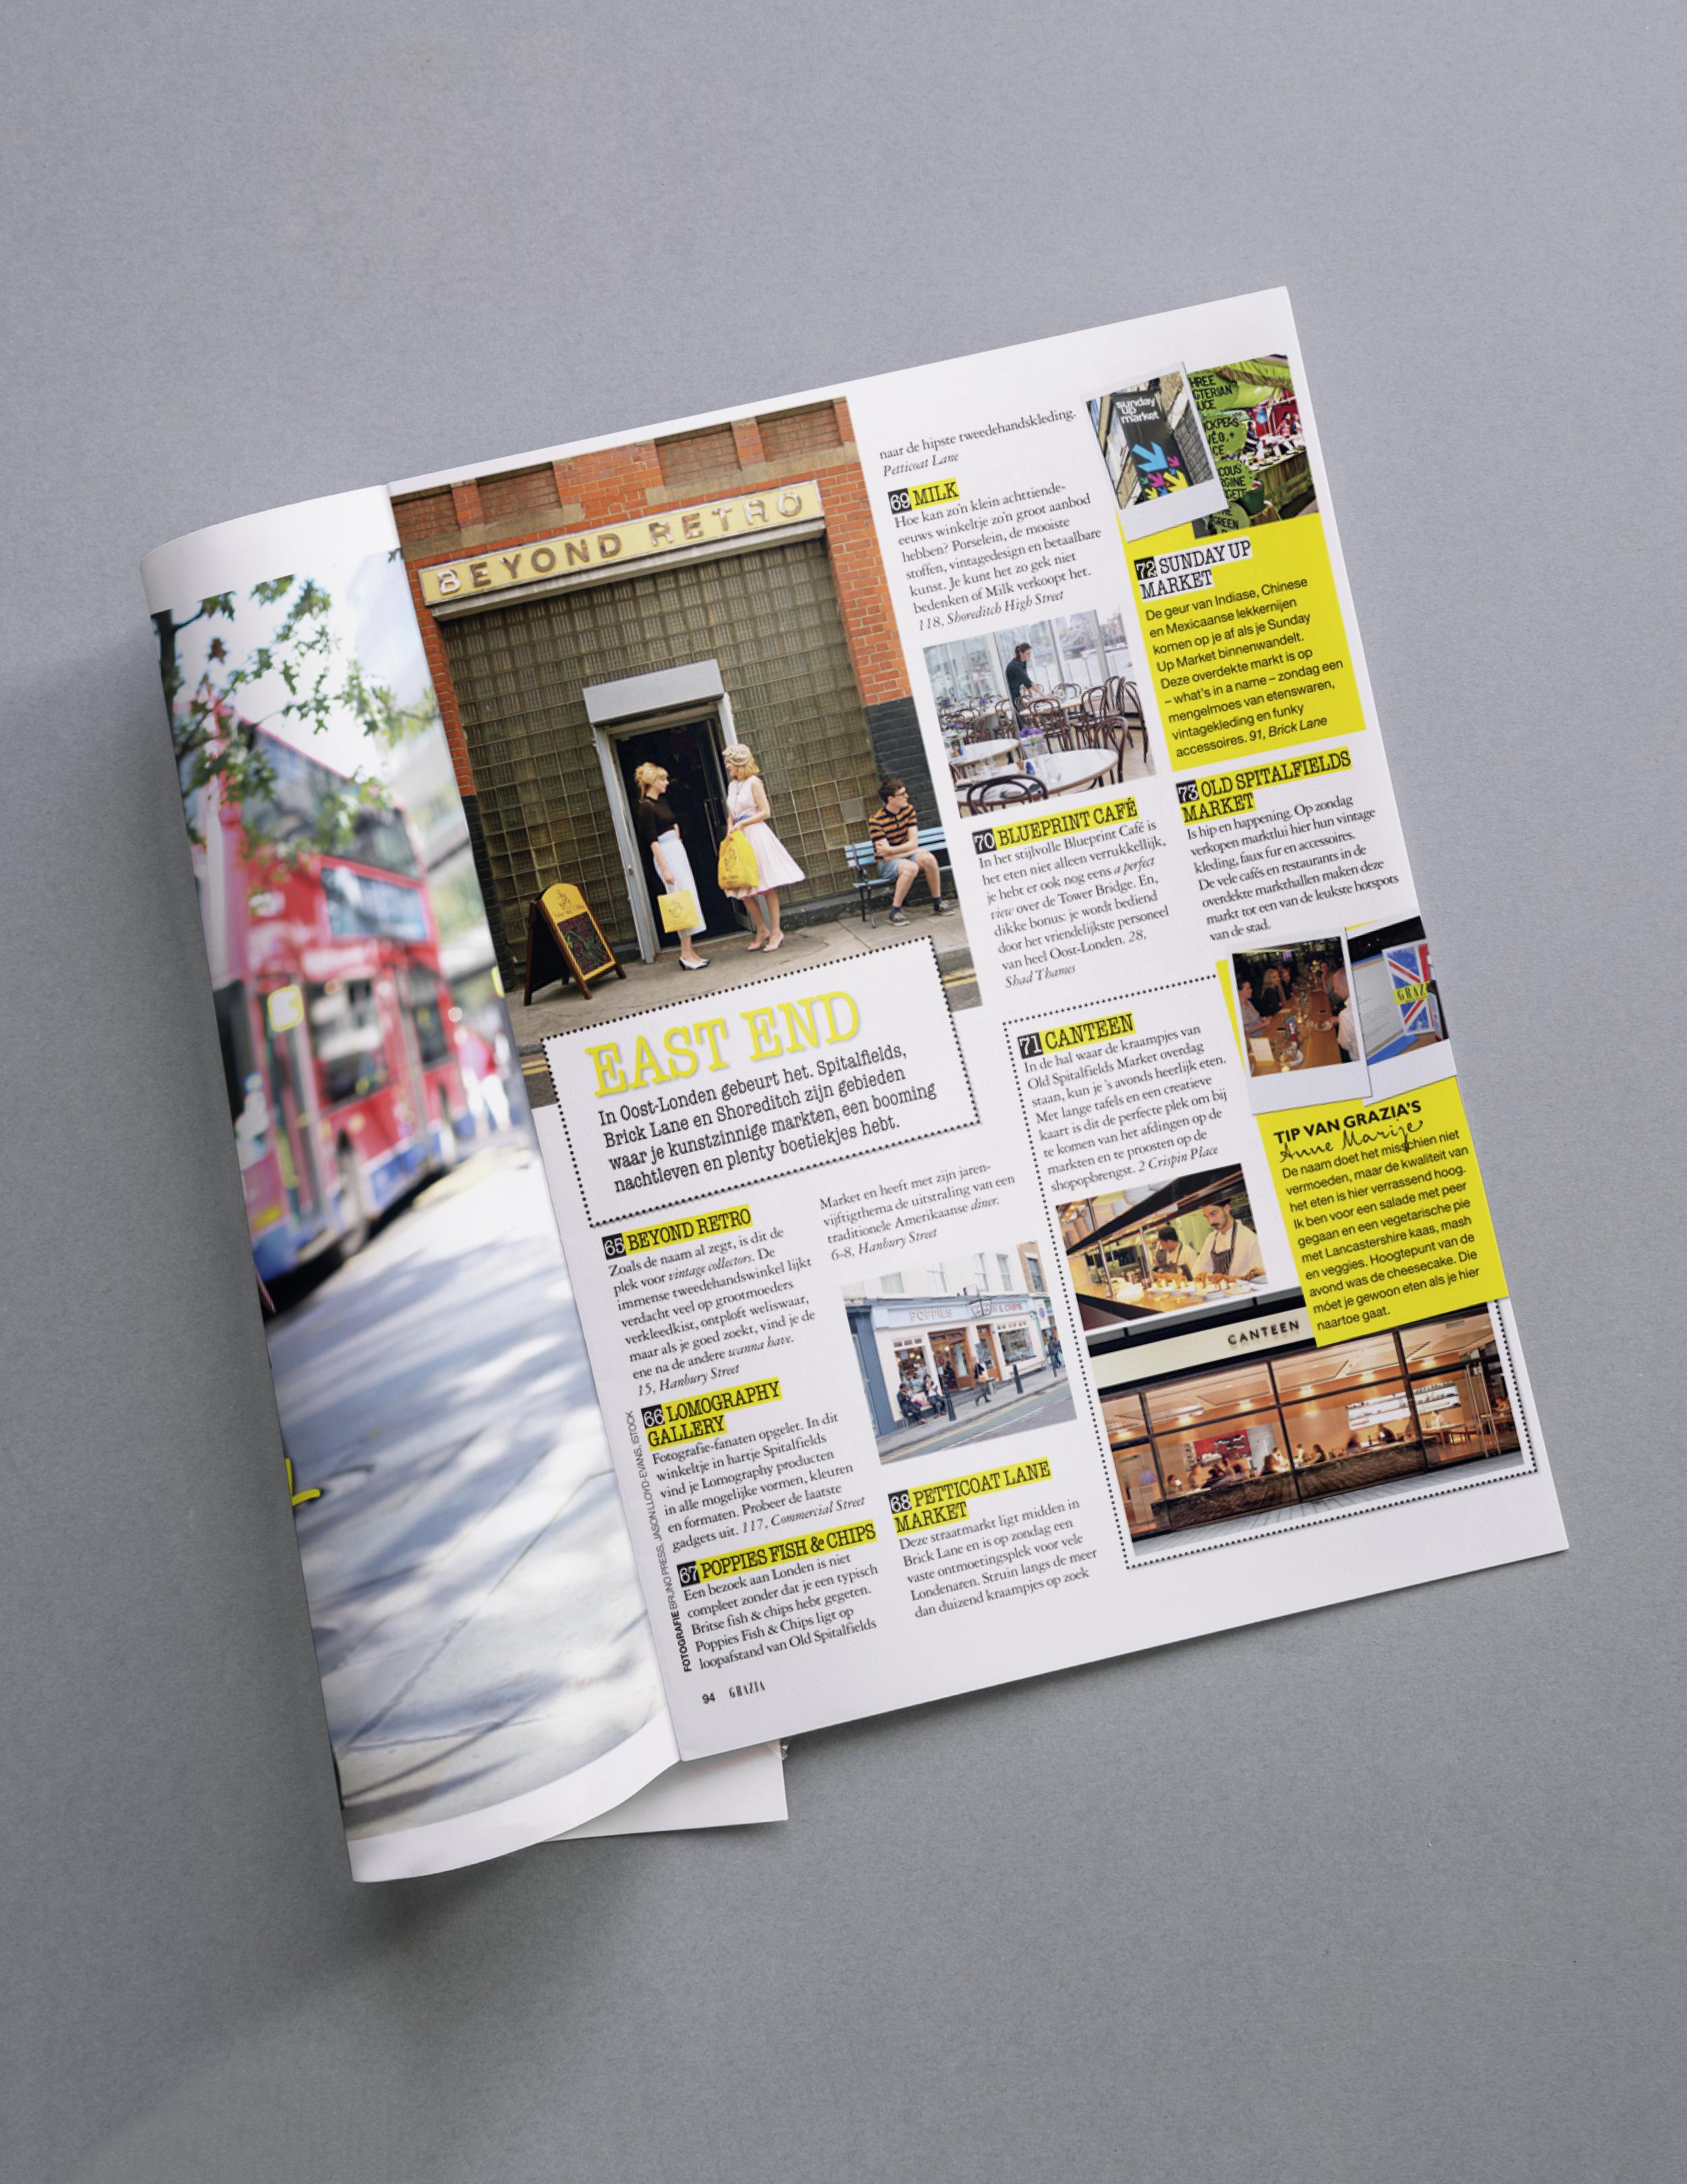 Grazia Magazine    Als inwoner van Londen kreeg ik van Grazia de opdracht om de absolute hotspots uit de Britse stad te verzamelen en te bundelen in een 9 pagina's tellende productie.